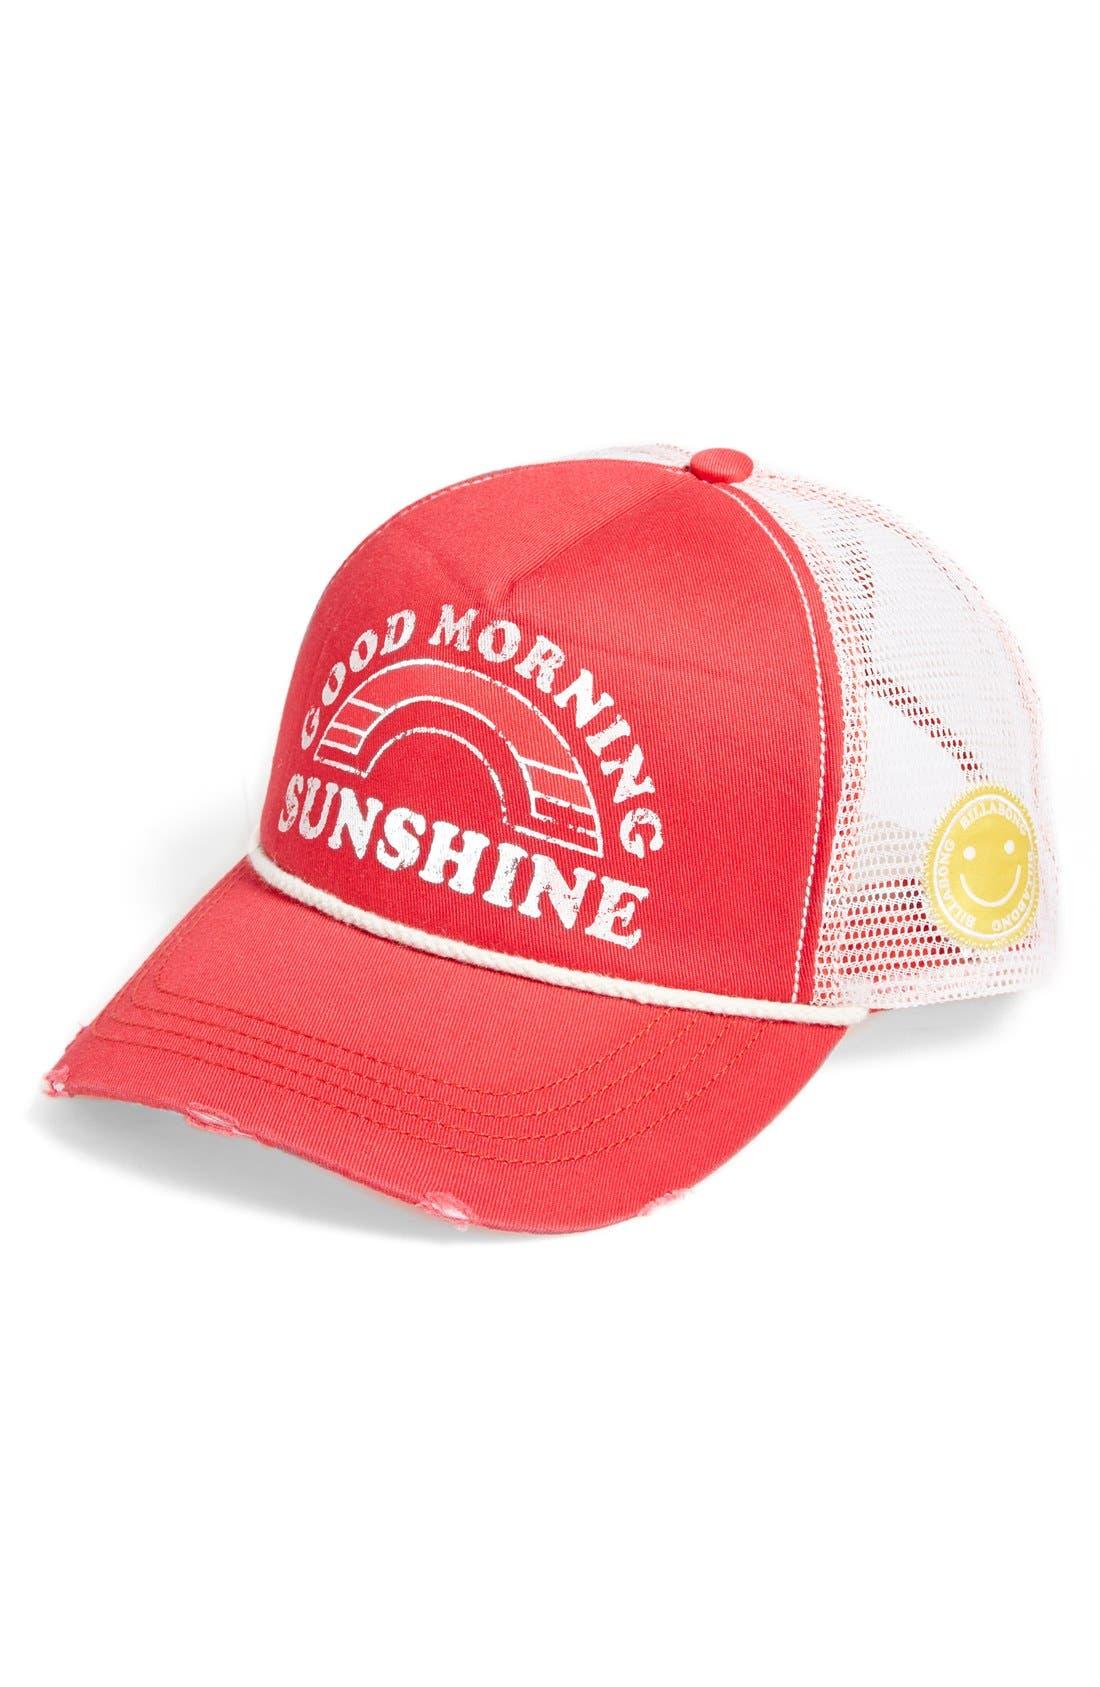 Main Image - Billabong 'Good Morning Sunshine' Trucker Hat